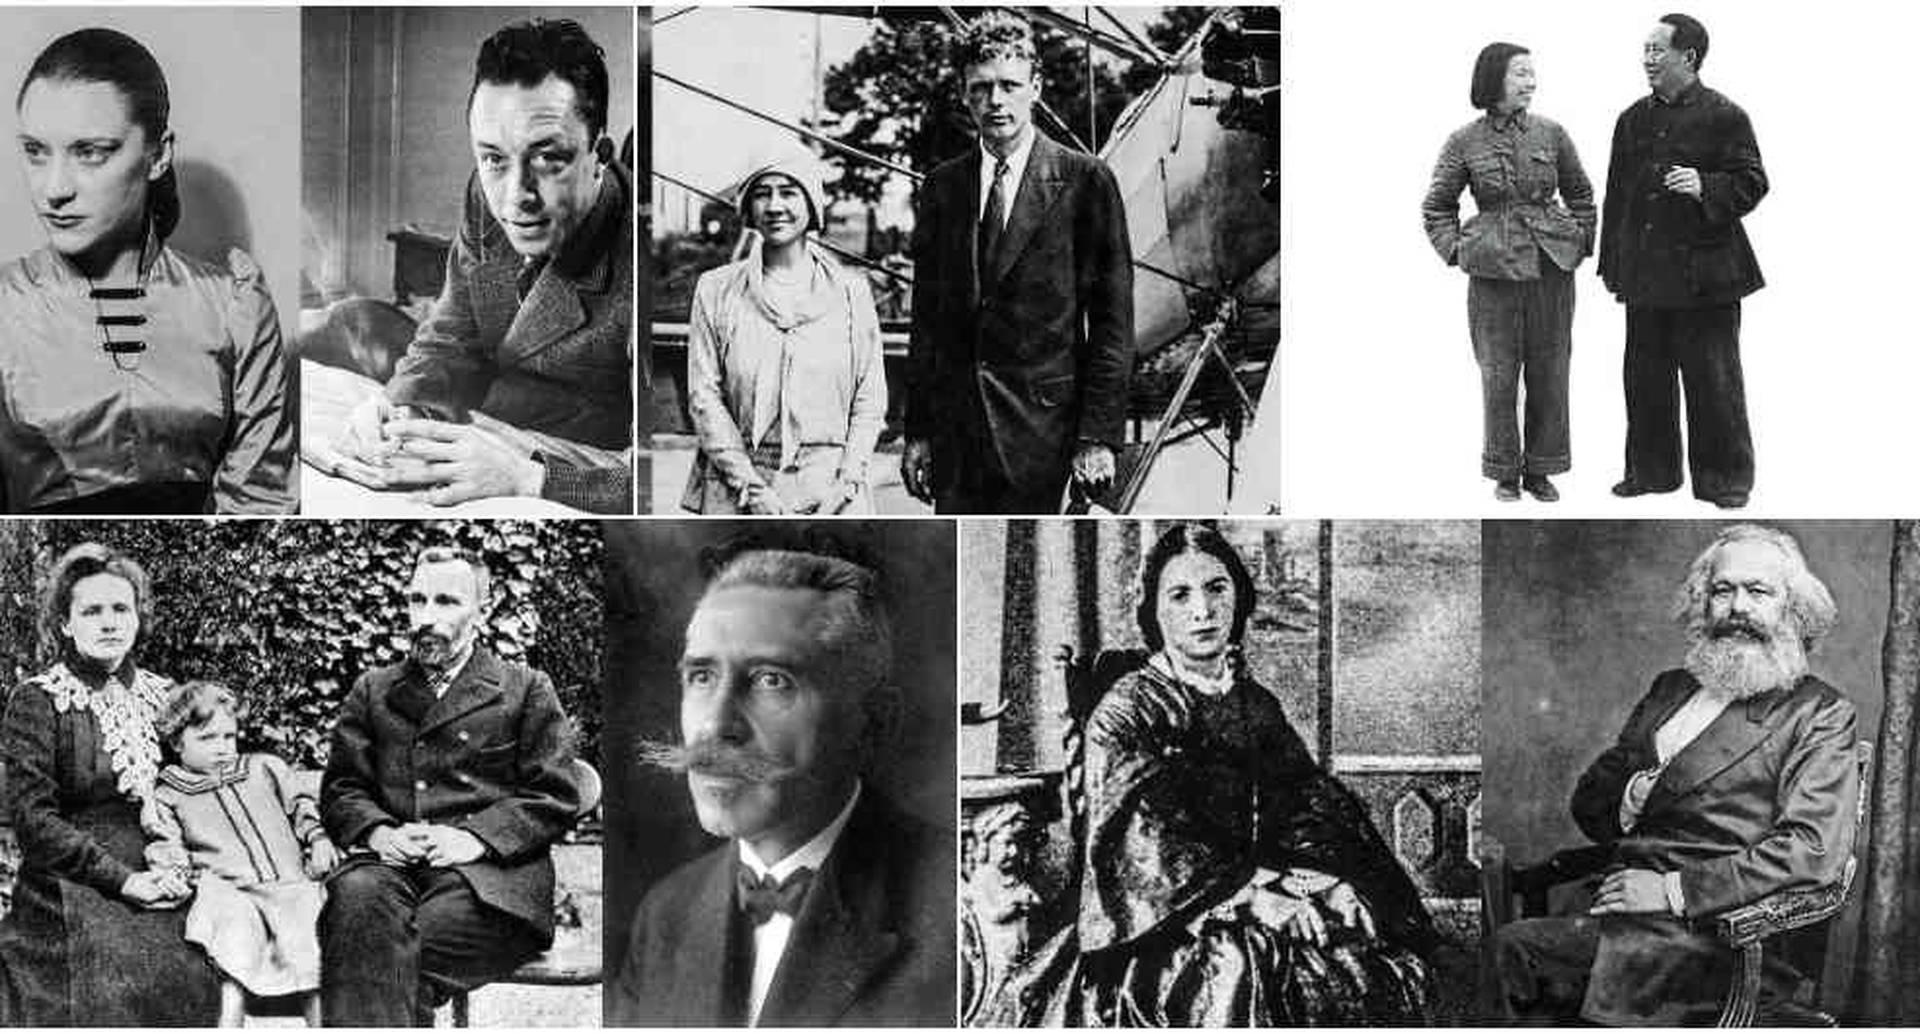 Entre las historias que Daniel Samper Pizano escribió en su libro 'Insólitas parejas' están: Albert Camus y María Casares, Marie Curie y Paul Langevin, Karl Marx y Jenny de Westfalia, Mao Tse-Tung y Jian Qing.